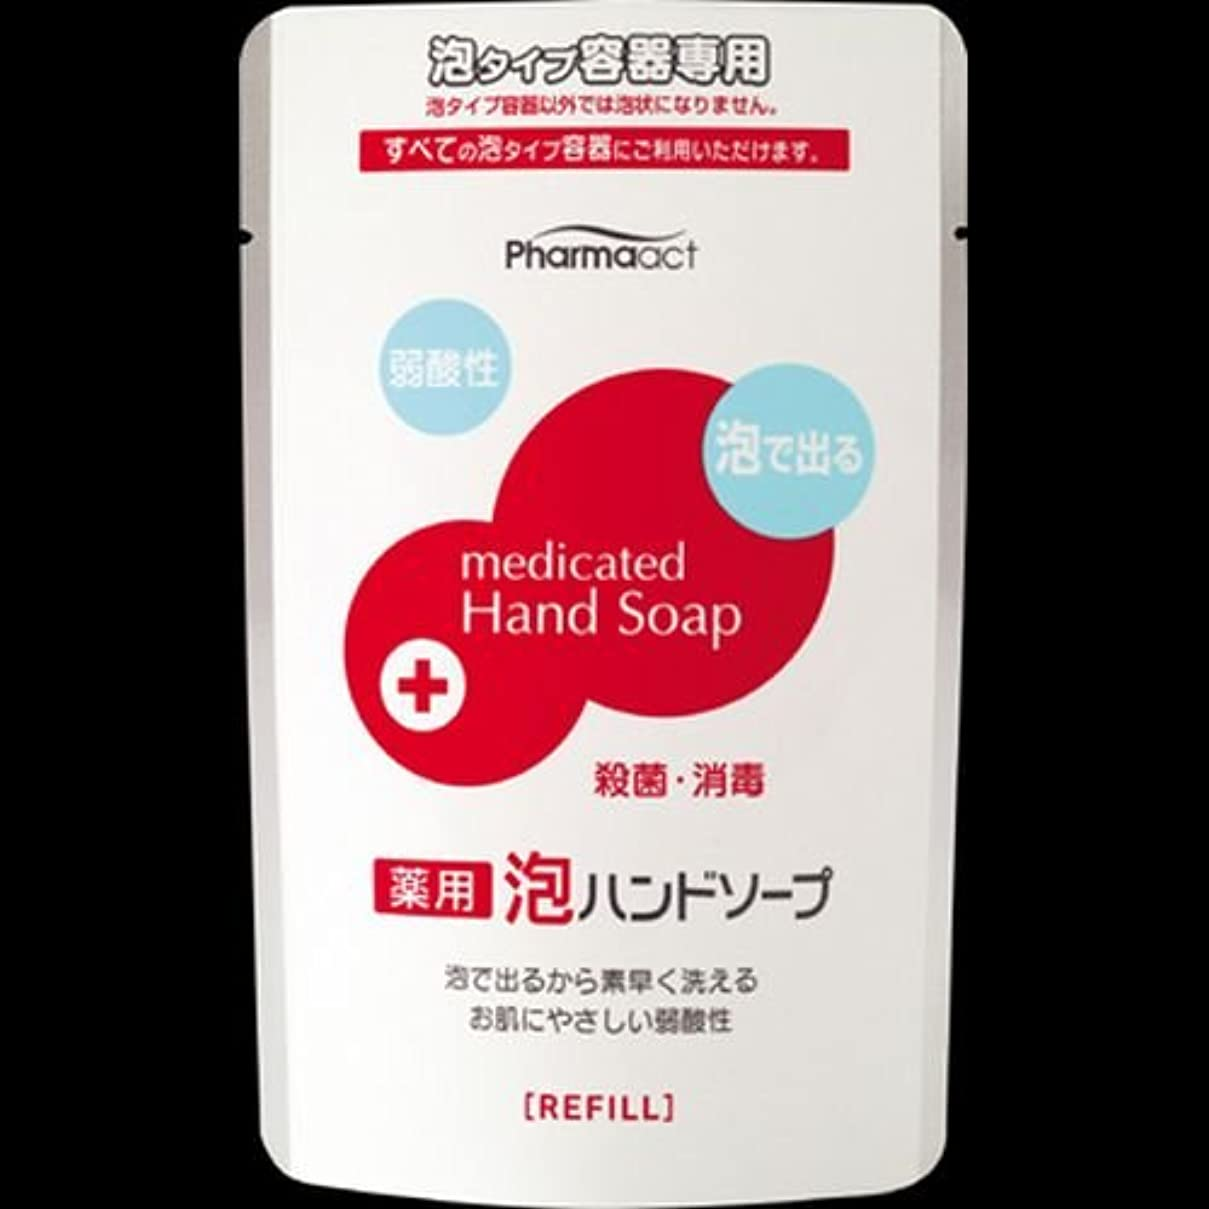 オフェンスシードビザ【まとめ買い】ファーマアクト 弱酸性 薬用泡ハンドソープ つめかえ用 200ml ×2セット